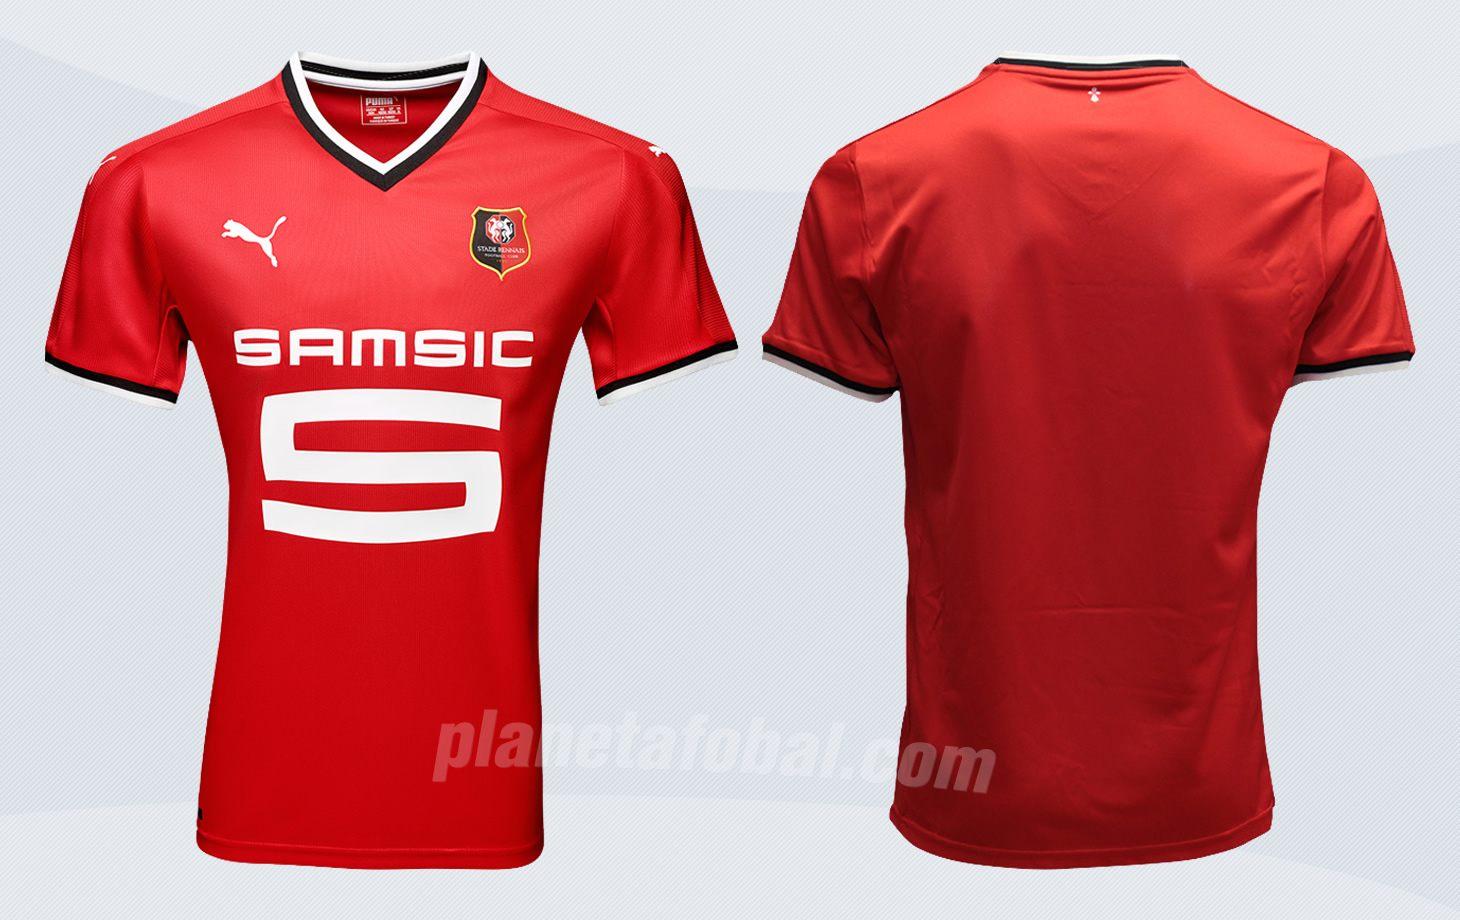 Nueva camiseta del Stade Rennais | Imágenes Web Oficial